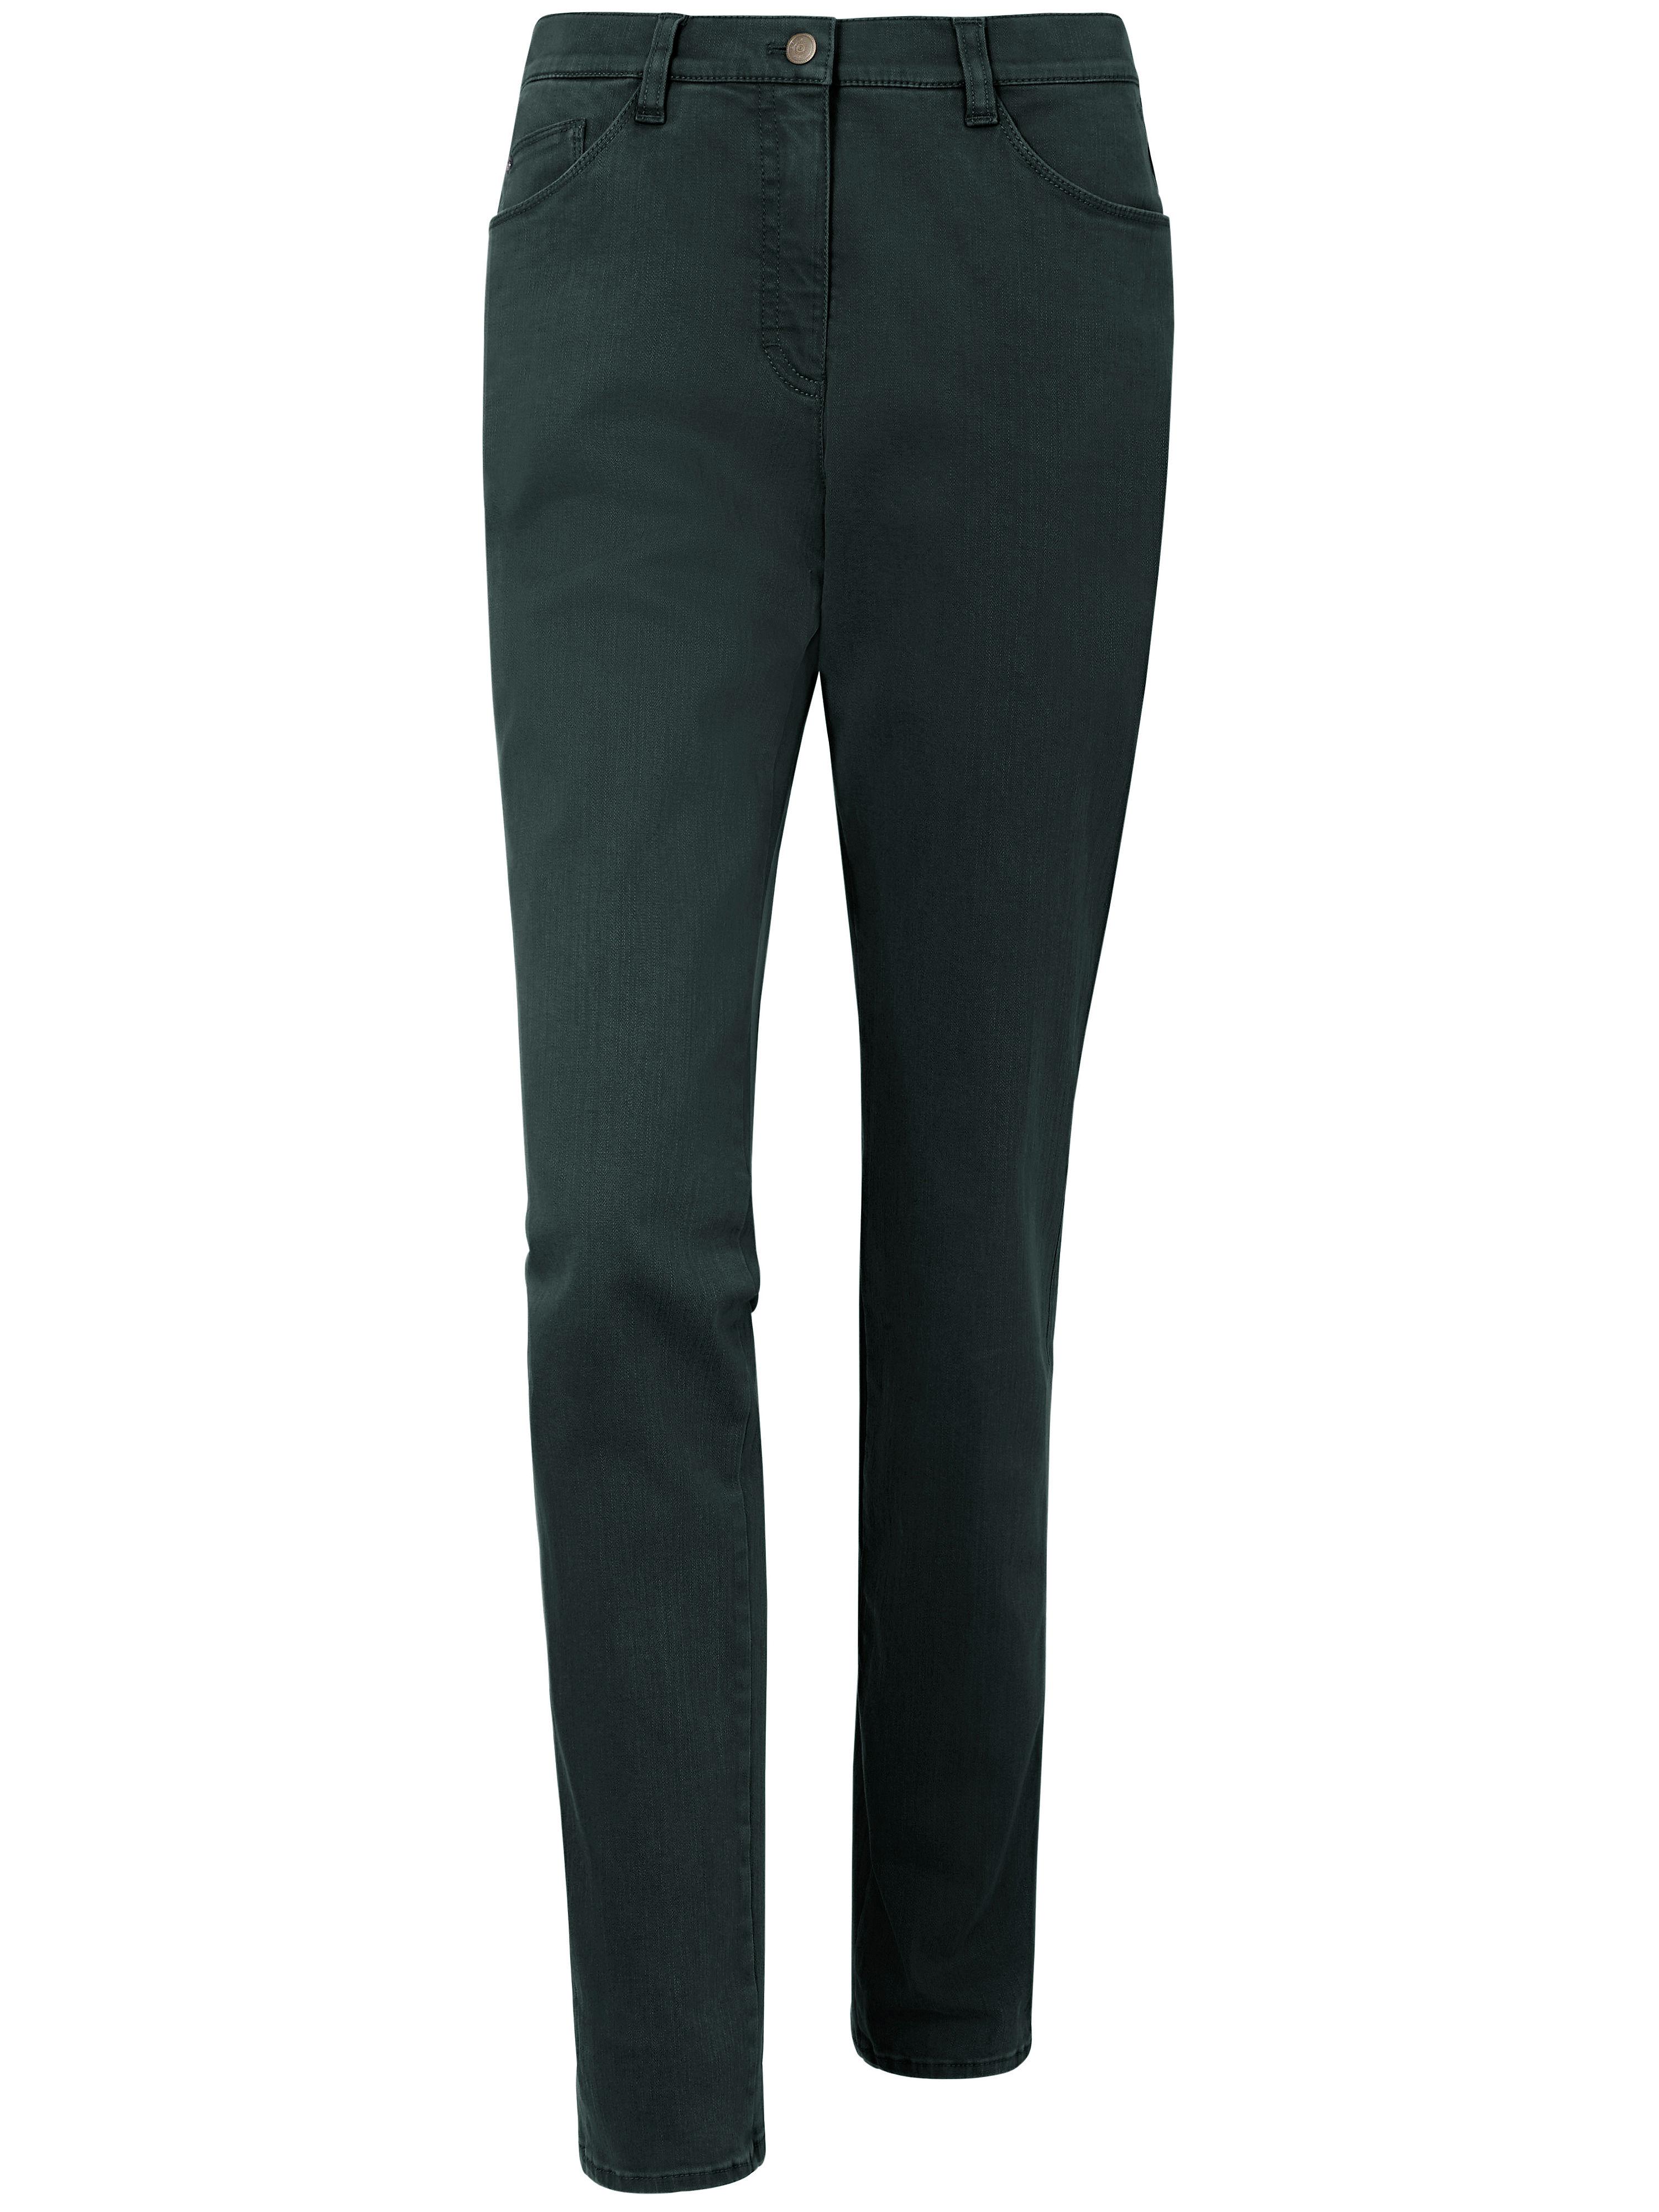 Image of Jeans, model Mary Van Brax Feel Good groen